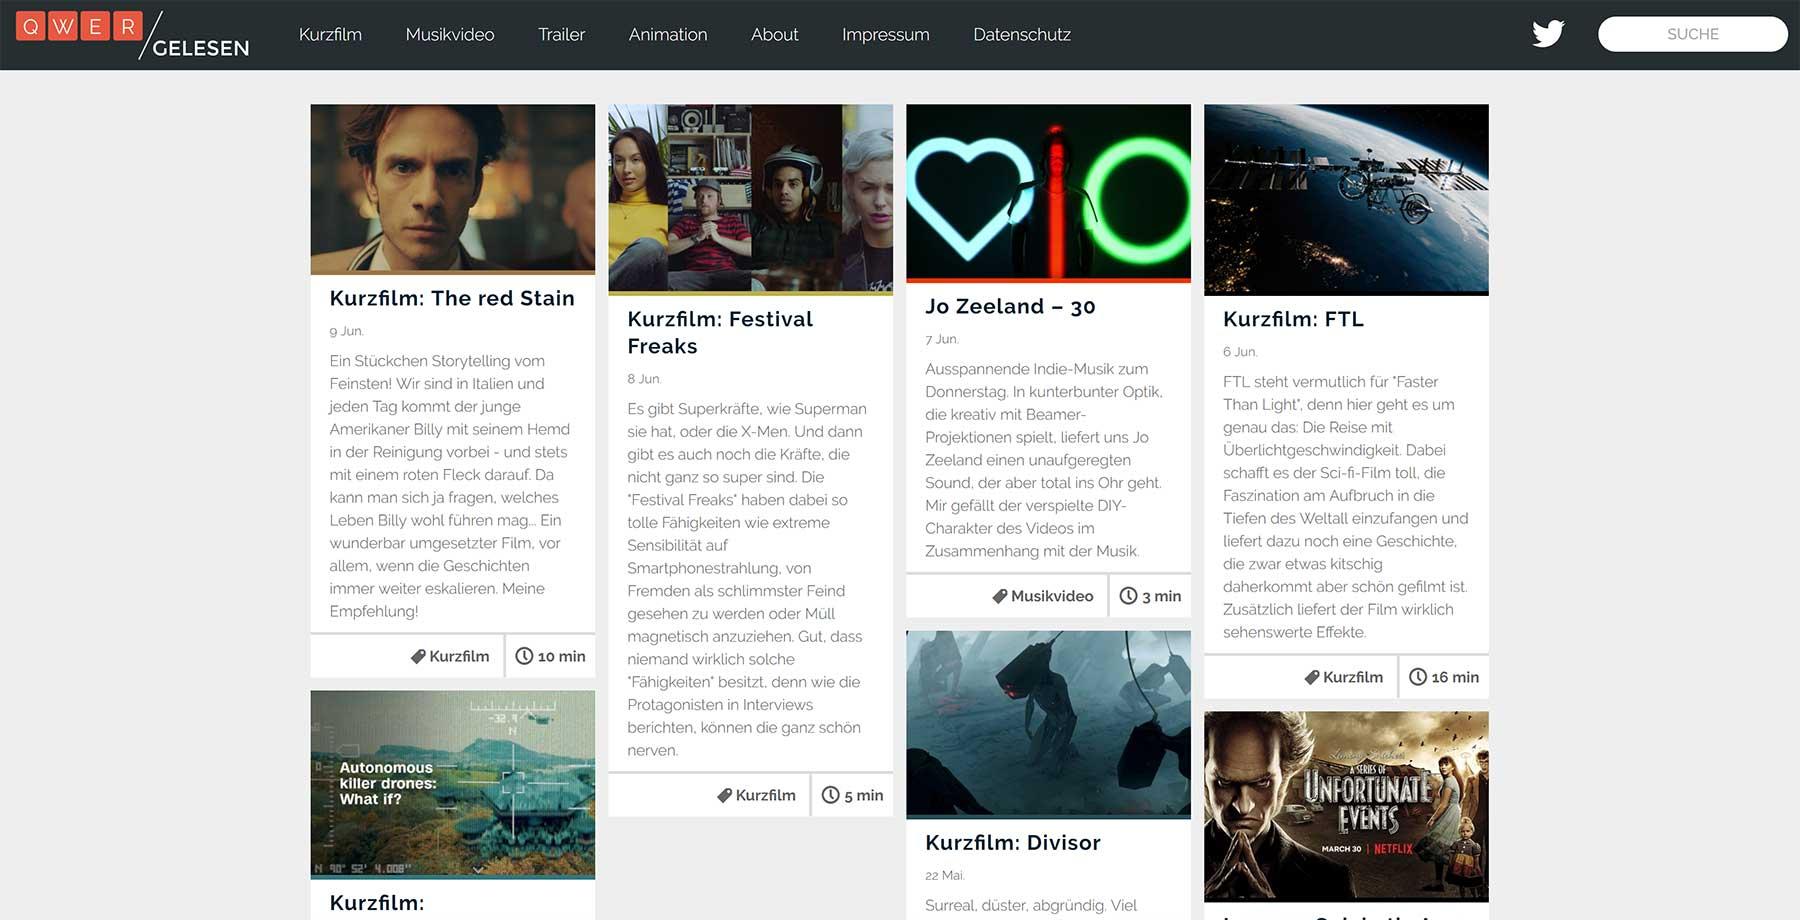 #WirliebenBlogs: Diese Websites solltet ihr euch mal anschauen WirliebenBlogs_03_QWERgelesen